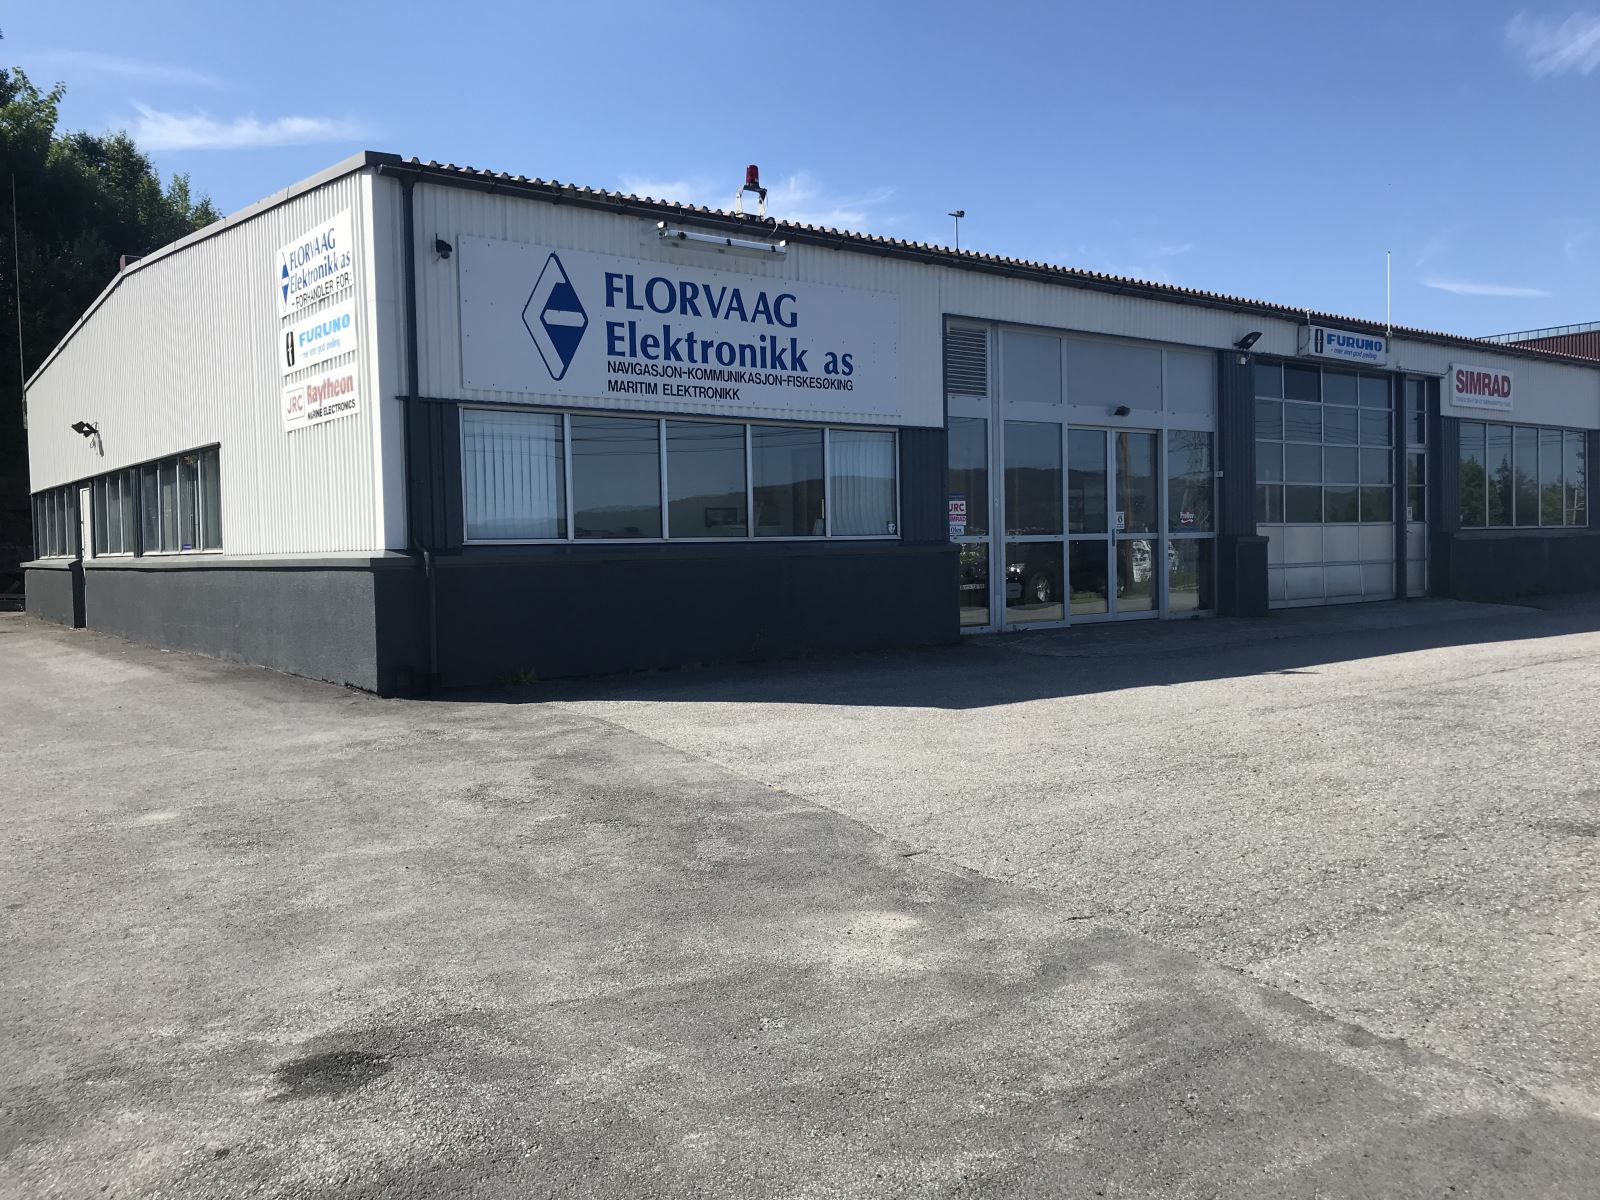 Florvaag Elektronikk a.s. Photo